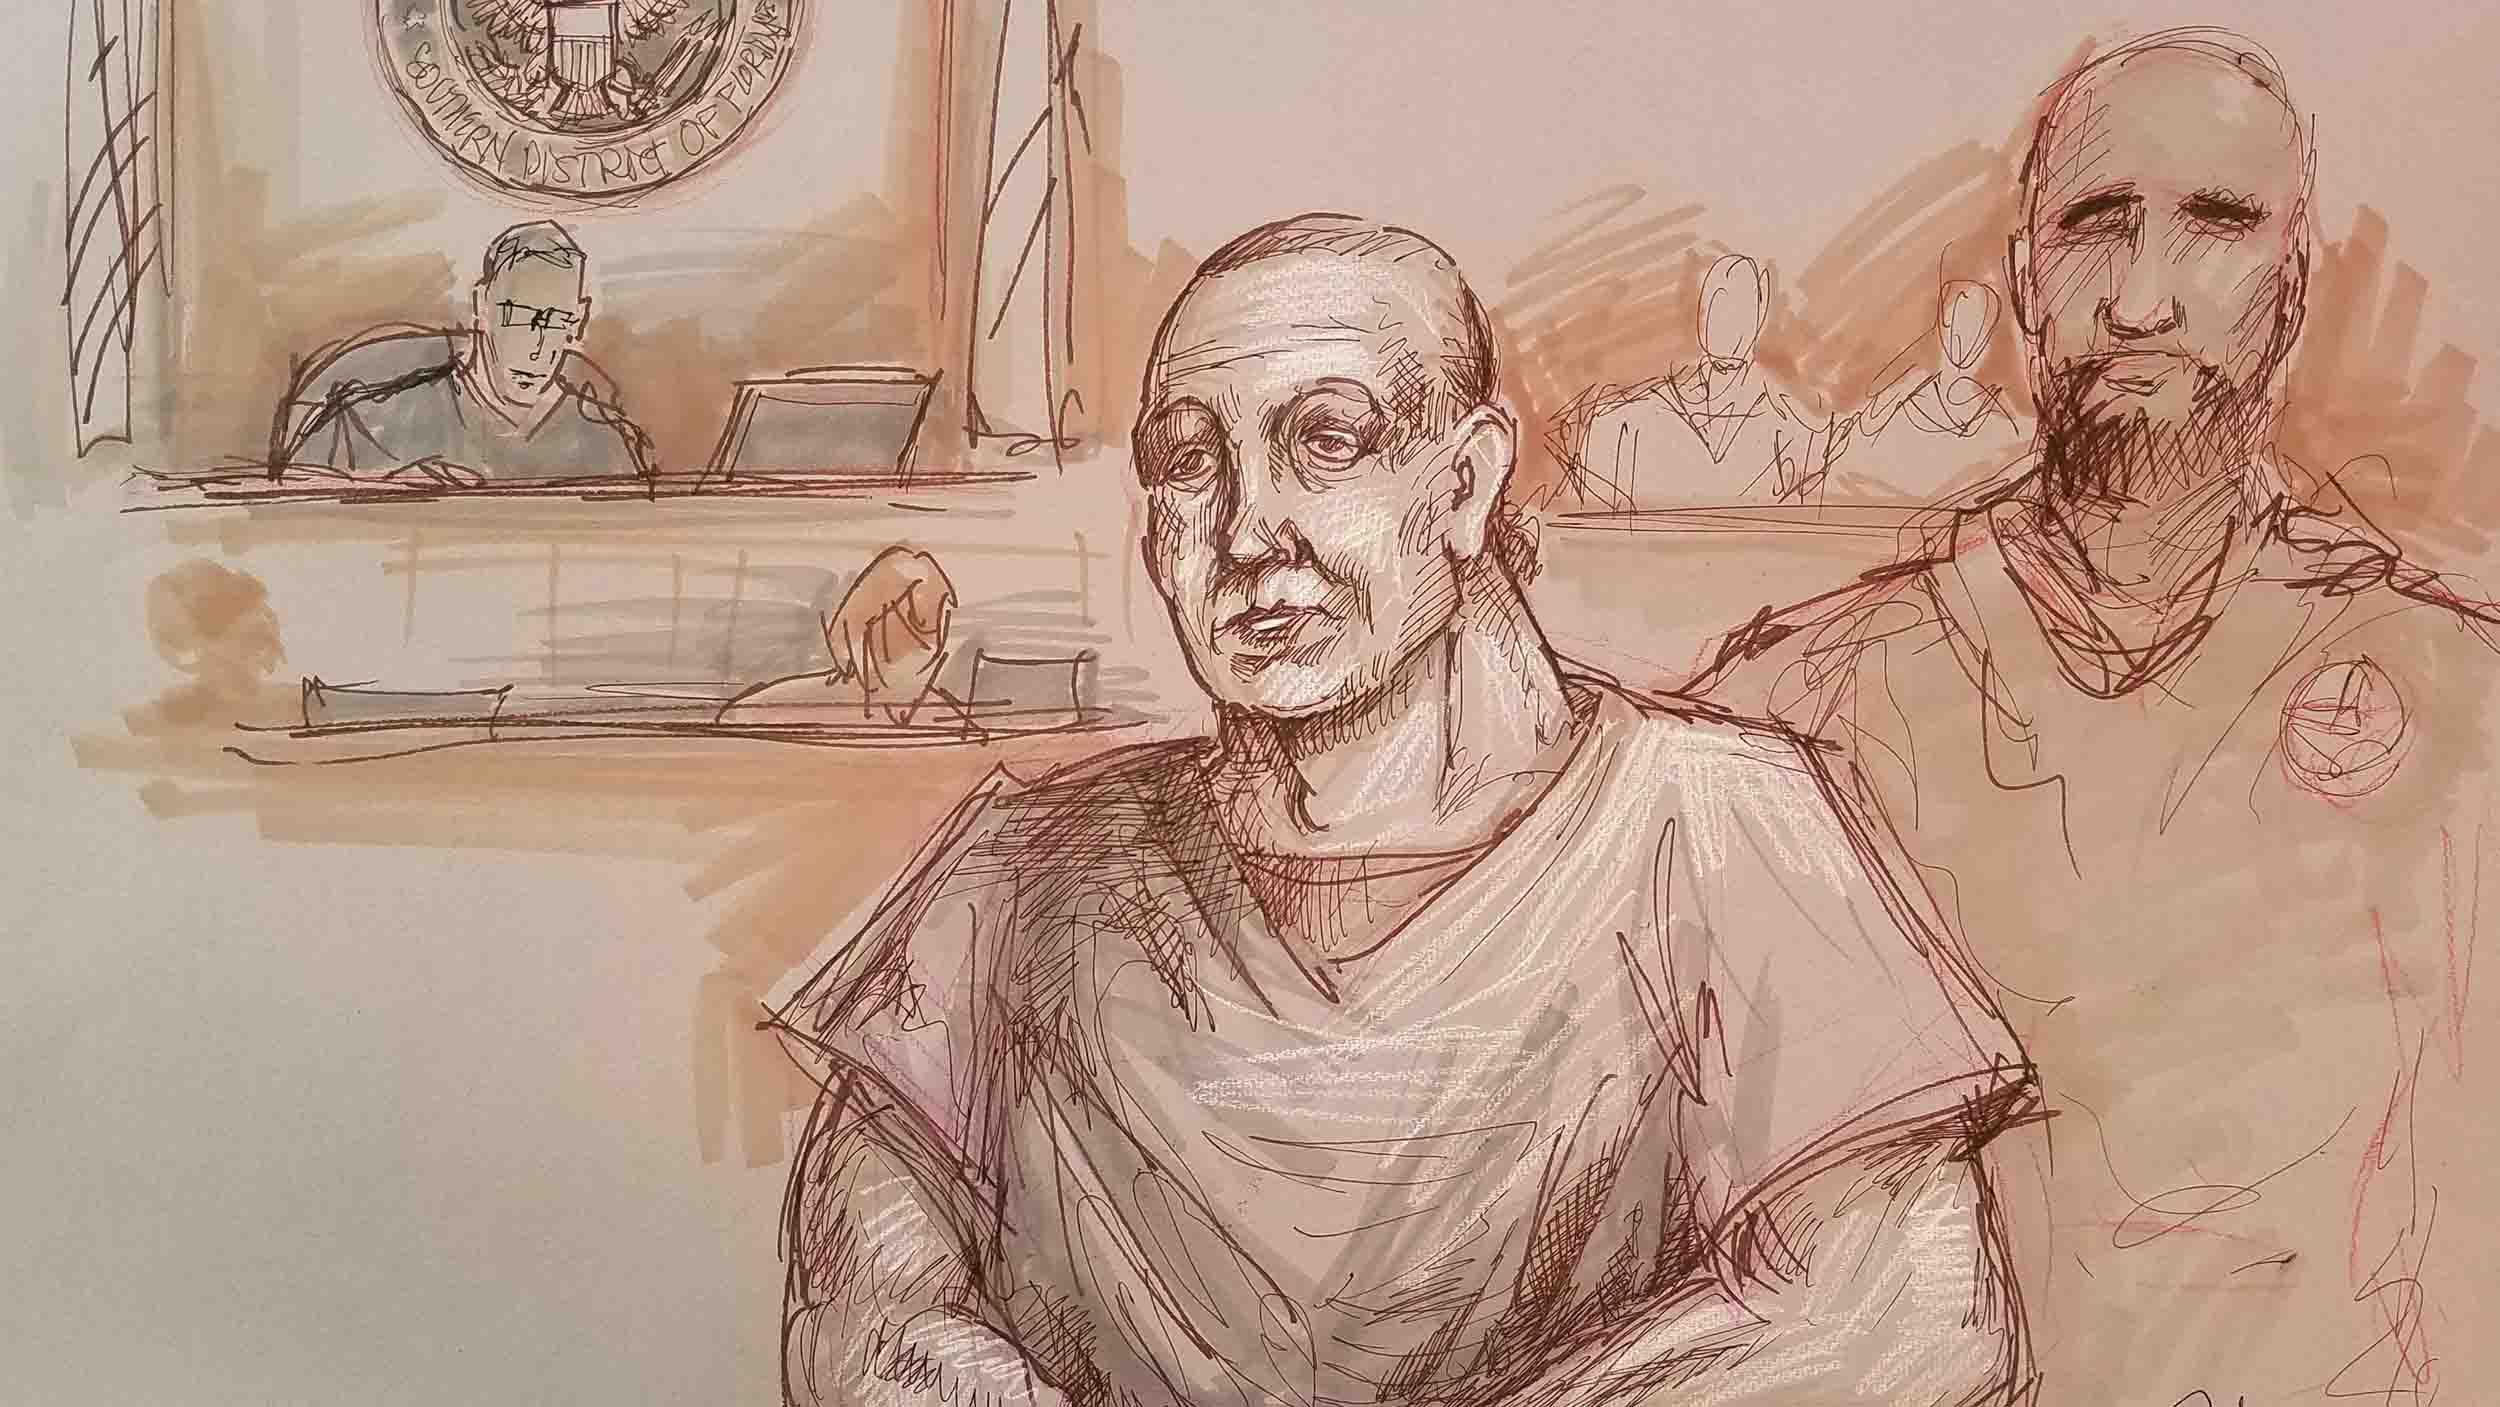 El presunto responsable del envío de bombas a críticos de Trump y medios de comunicación fue extraditado para enfrentar las acusaciones